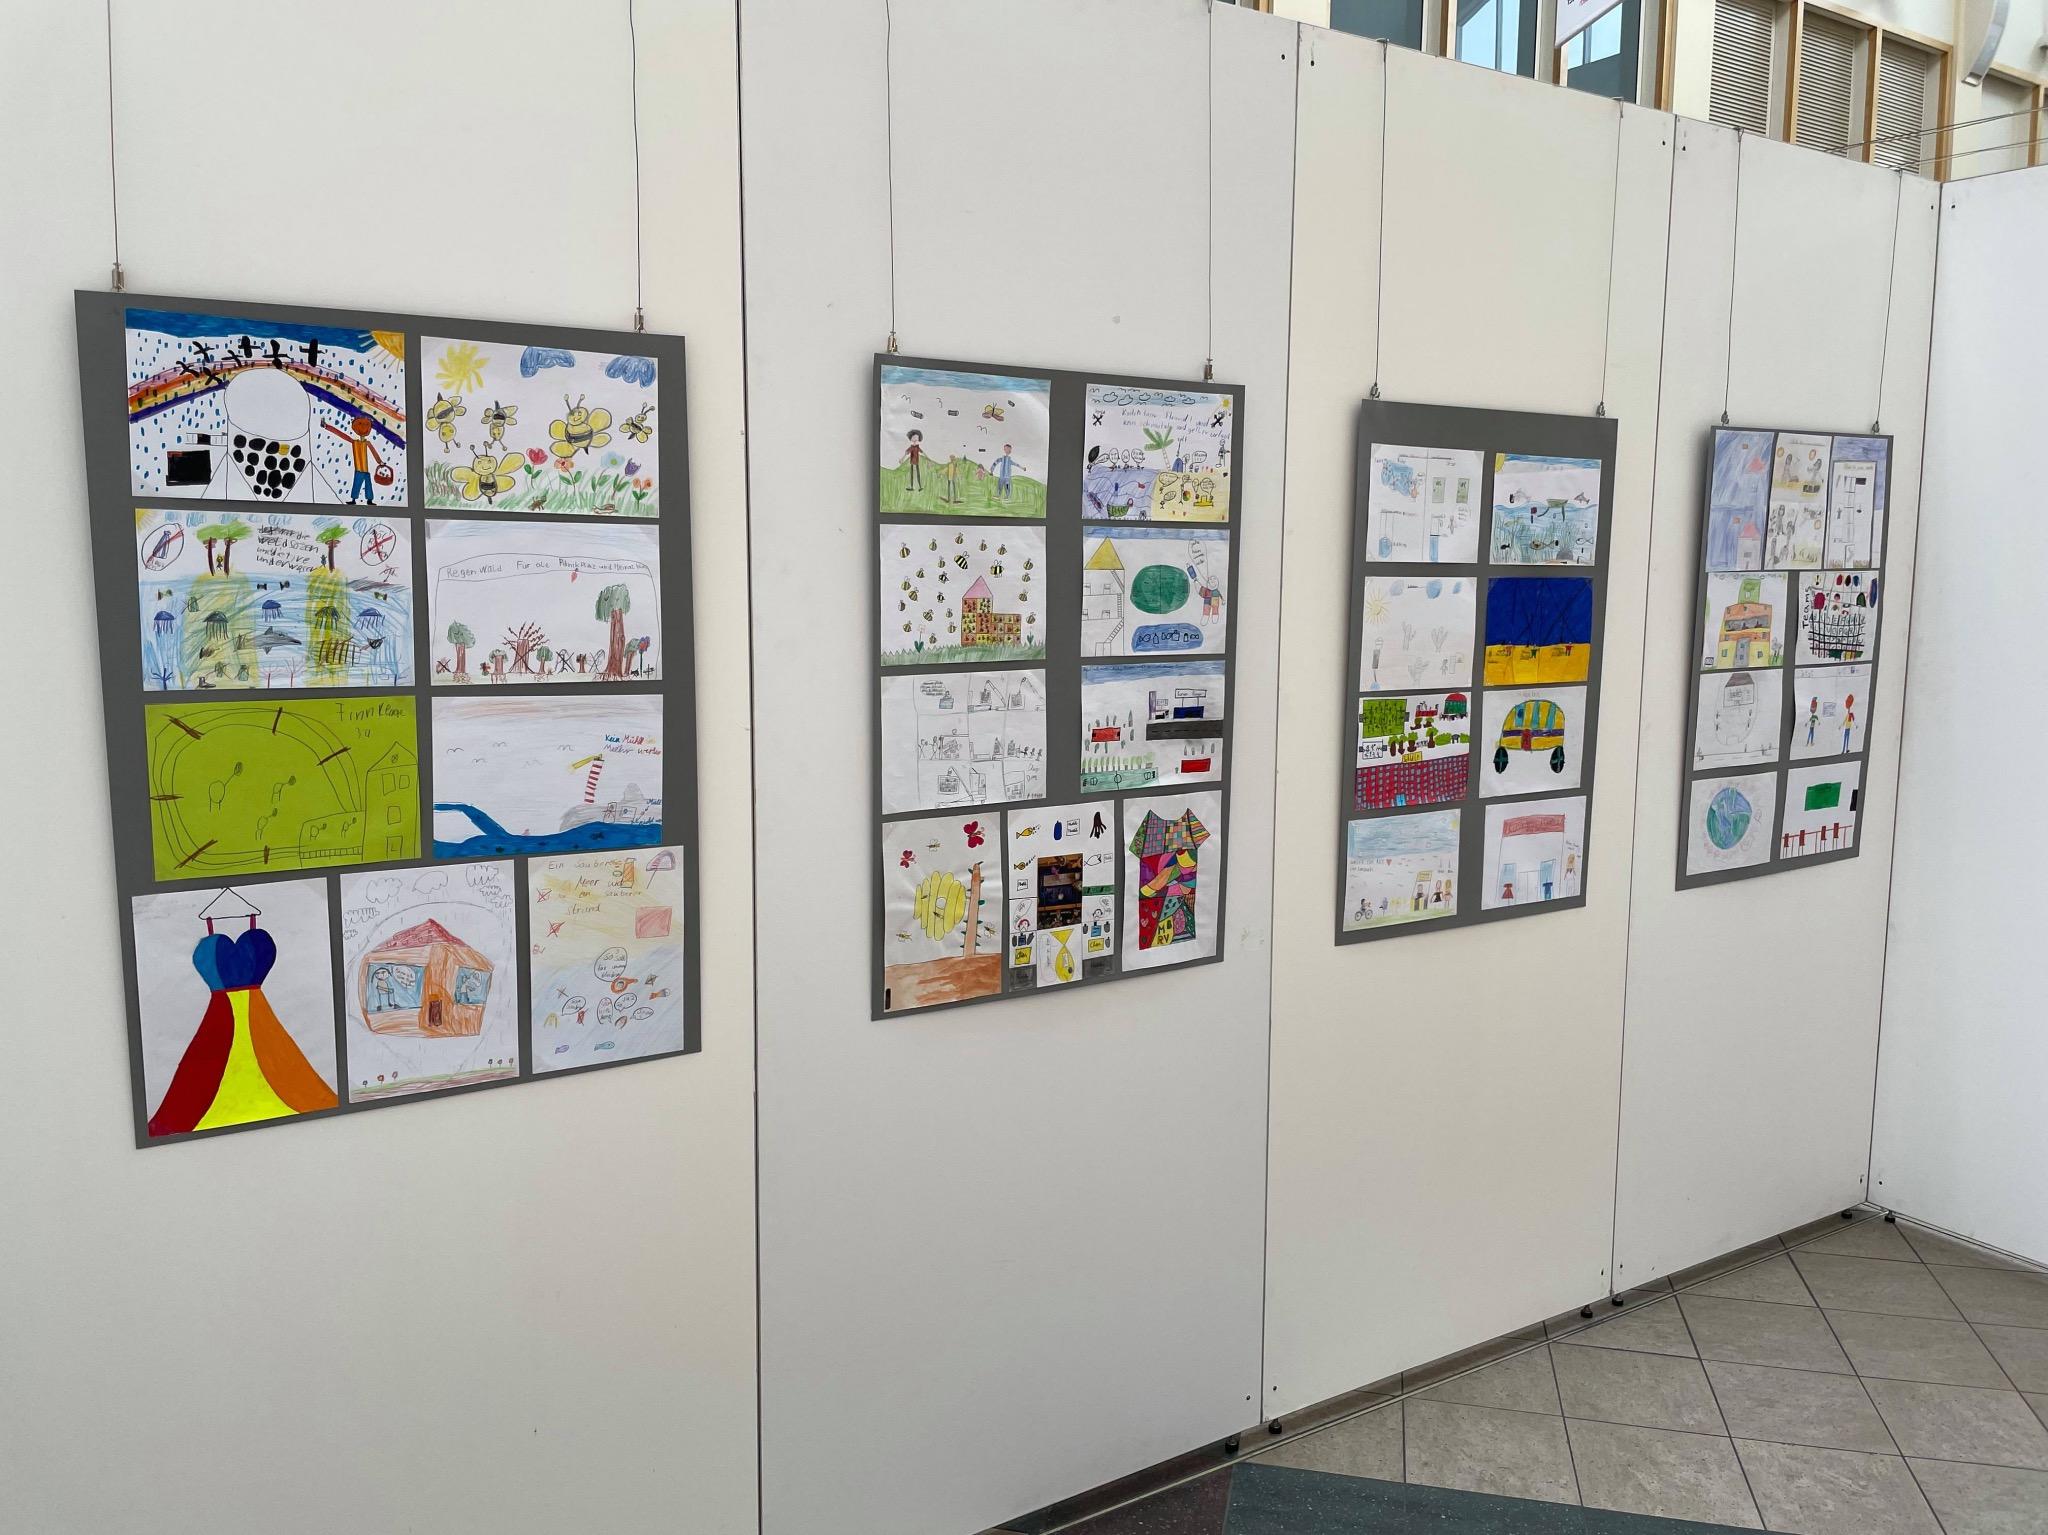 Die gemalten Bilder von Schülerinnen und Schülern zeigen die Nachhaltigkeitsziele so, wie sie von Kindern verstanden und interpretiert werden. Foto: Stefan Tremel